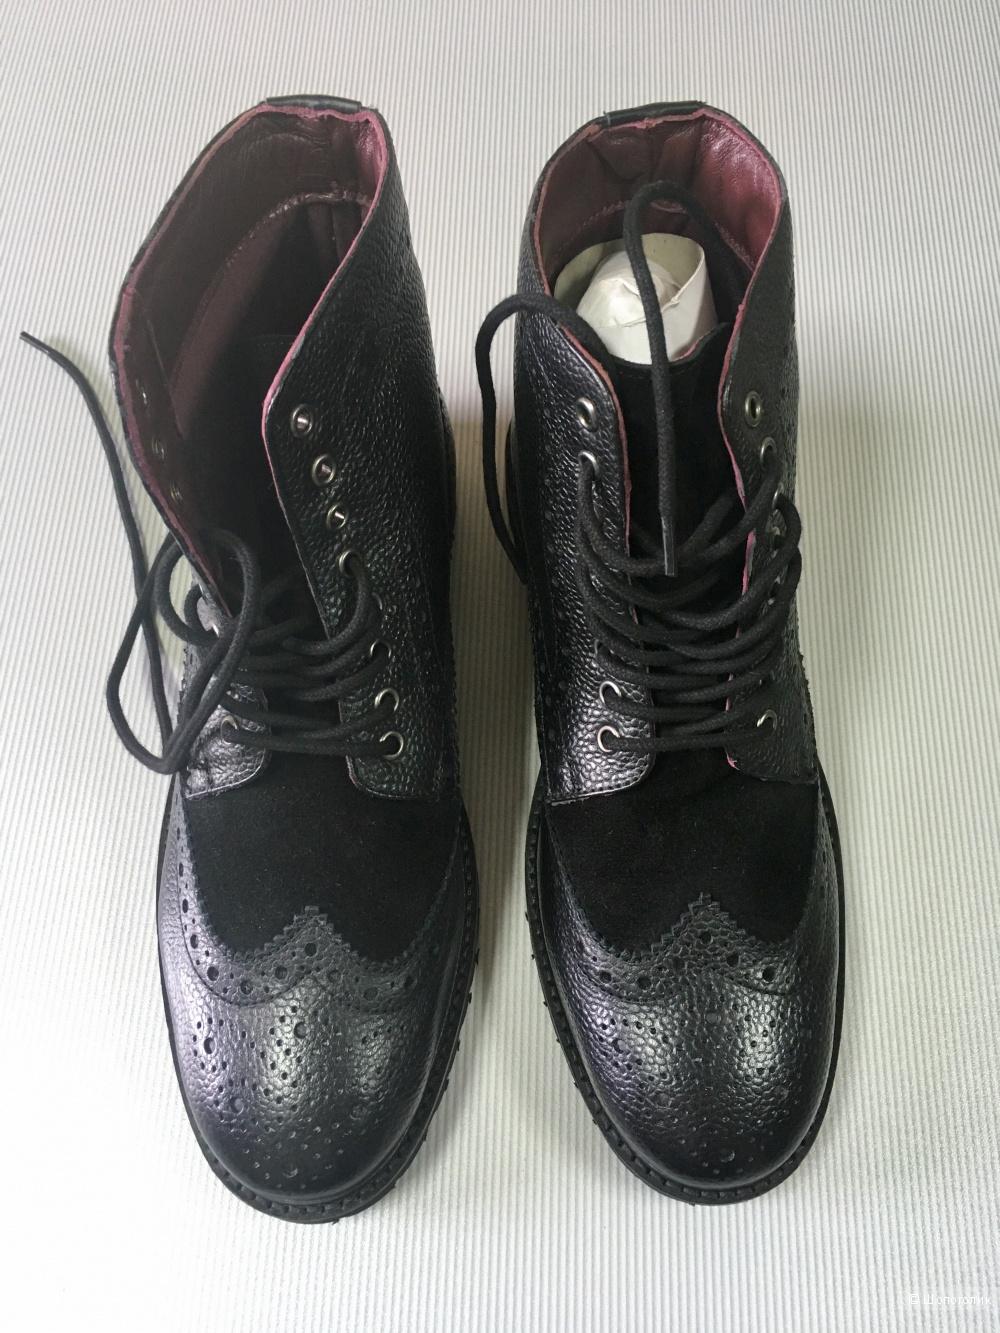 Ботинки броги London Brogues, 40р